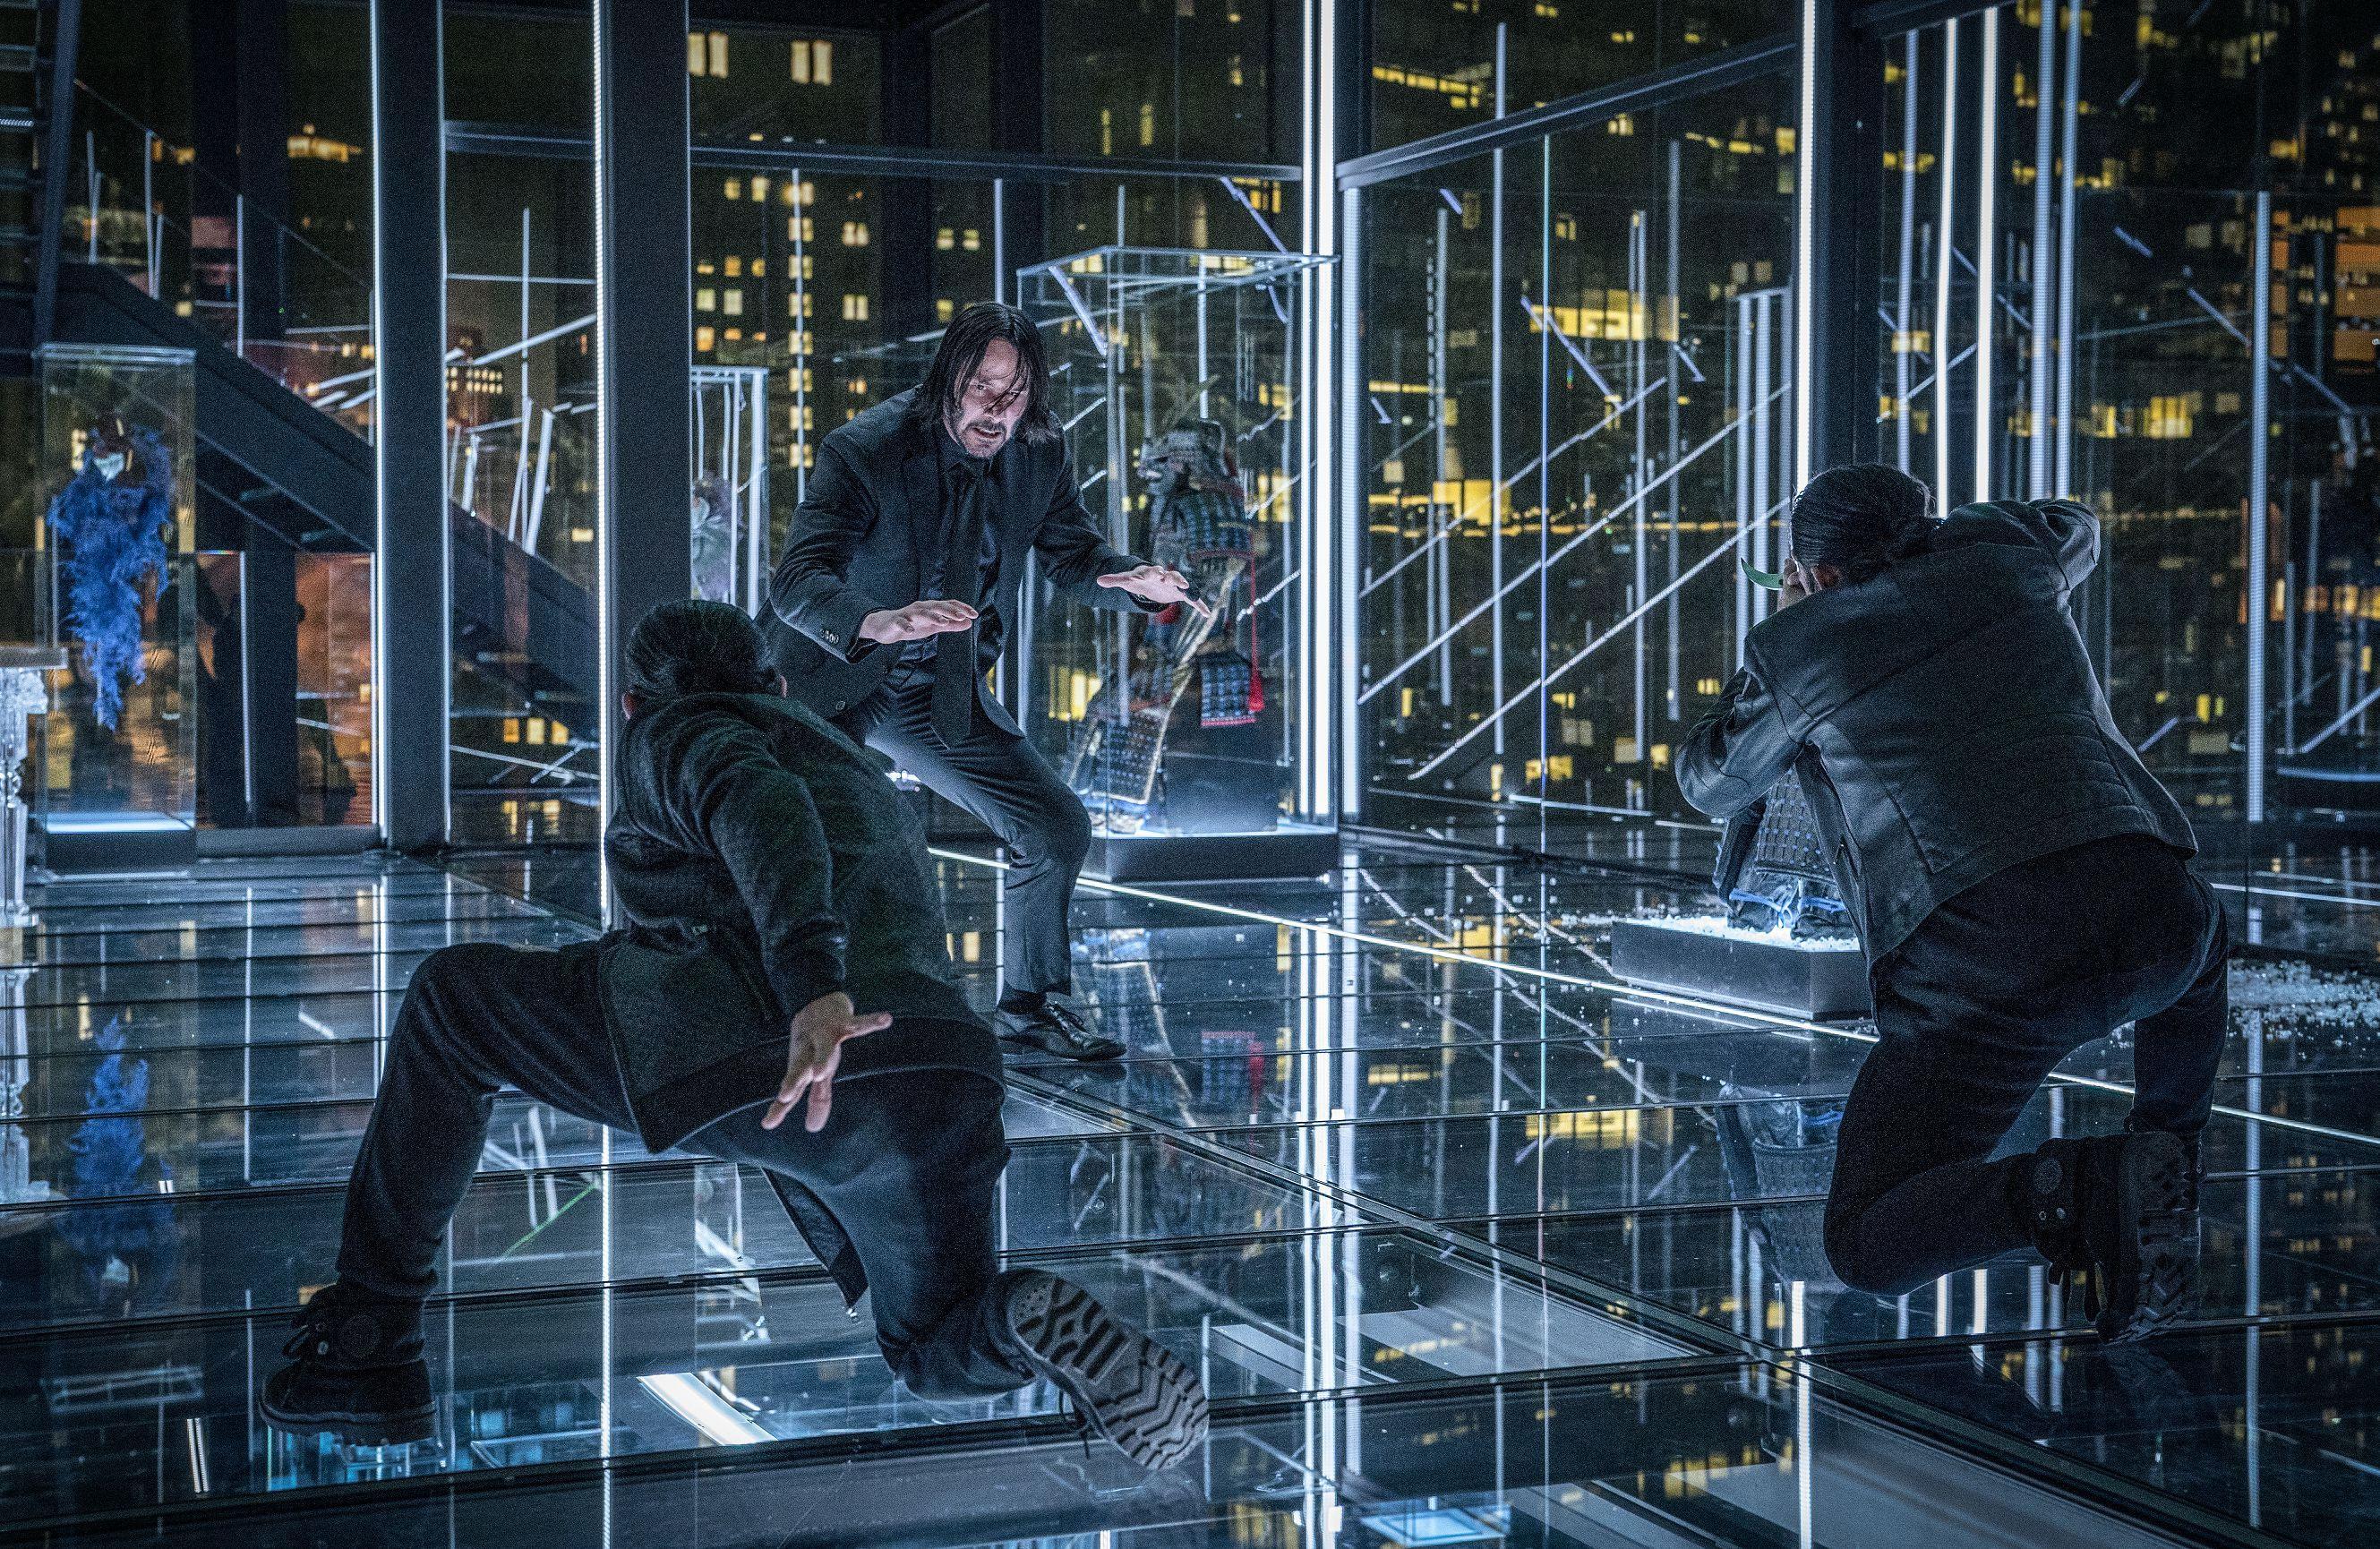 由好萊塢最性感大叔基努李維(Keanu Reeves)飾演的「地表最強殺神」系列電影續集《捍衛任務3:全面開戰》,在全球影迷的殷殷期盼下,睽違兩年總算再度強勢回歸。電影正式預告也終於在22日晚間公開!基努李維在紐約布魯克林橋上邊騎重機,左手一邊用槍對敵人爆頭、右手一邊用刀割喉的雙手開弓畫面,帥氣開外掛橋段,再度擄獲全球影迷的心呀!